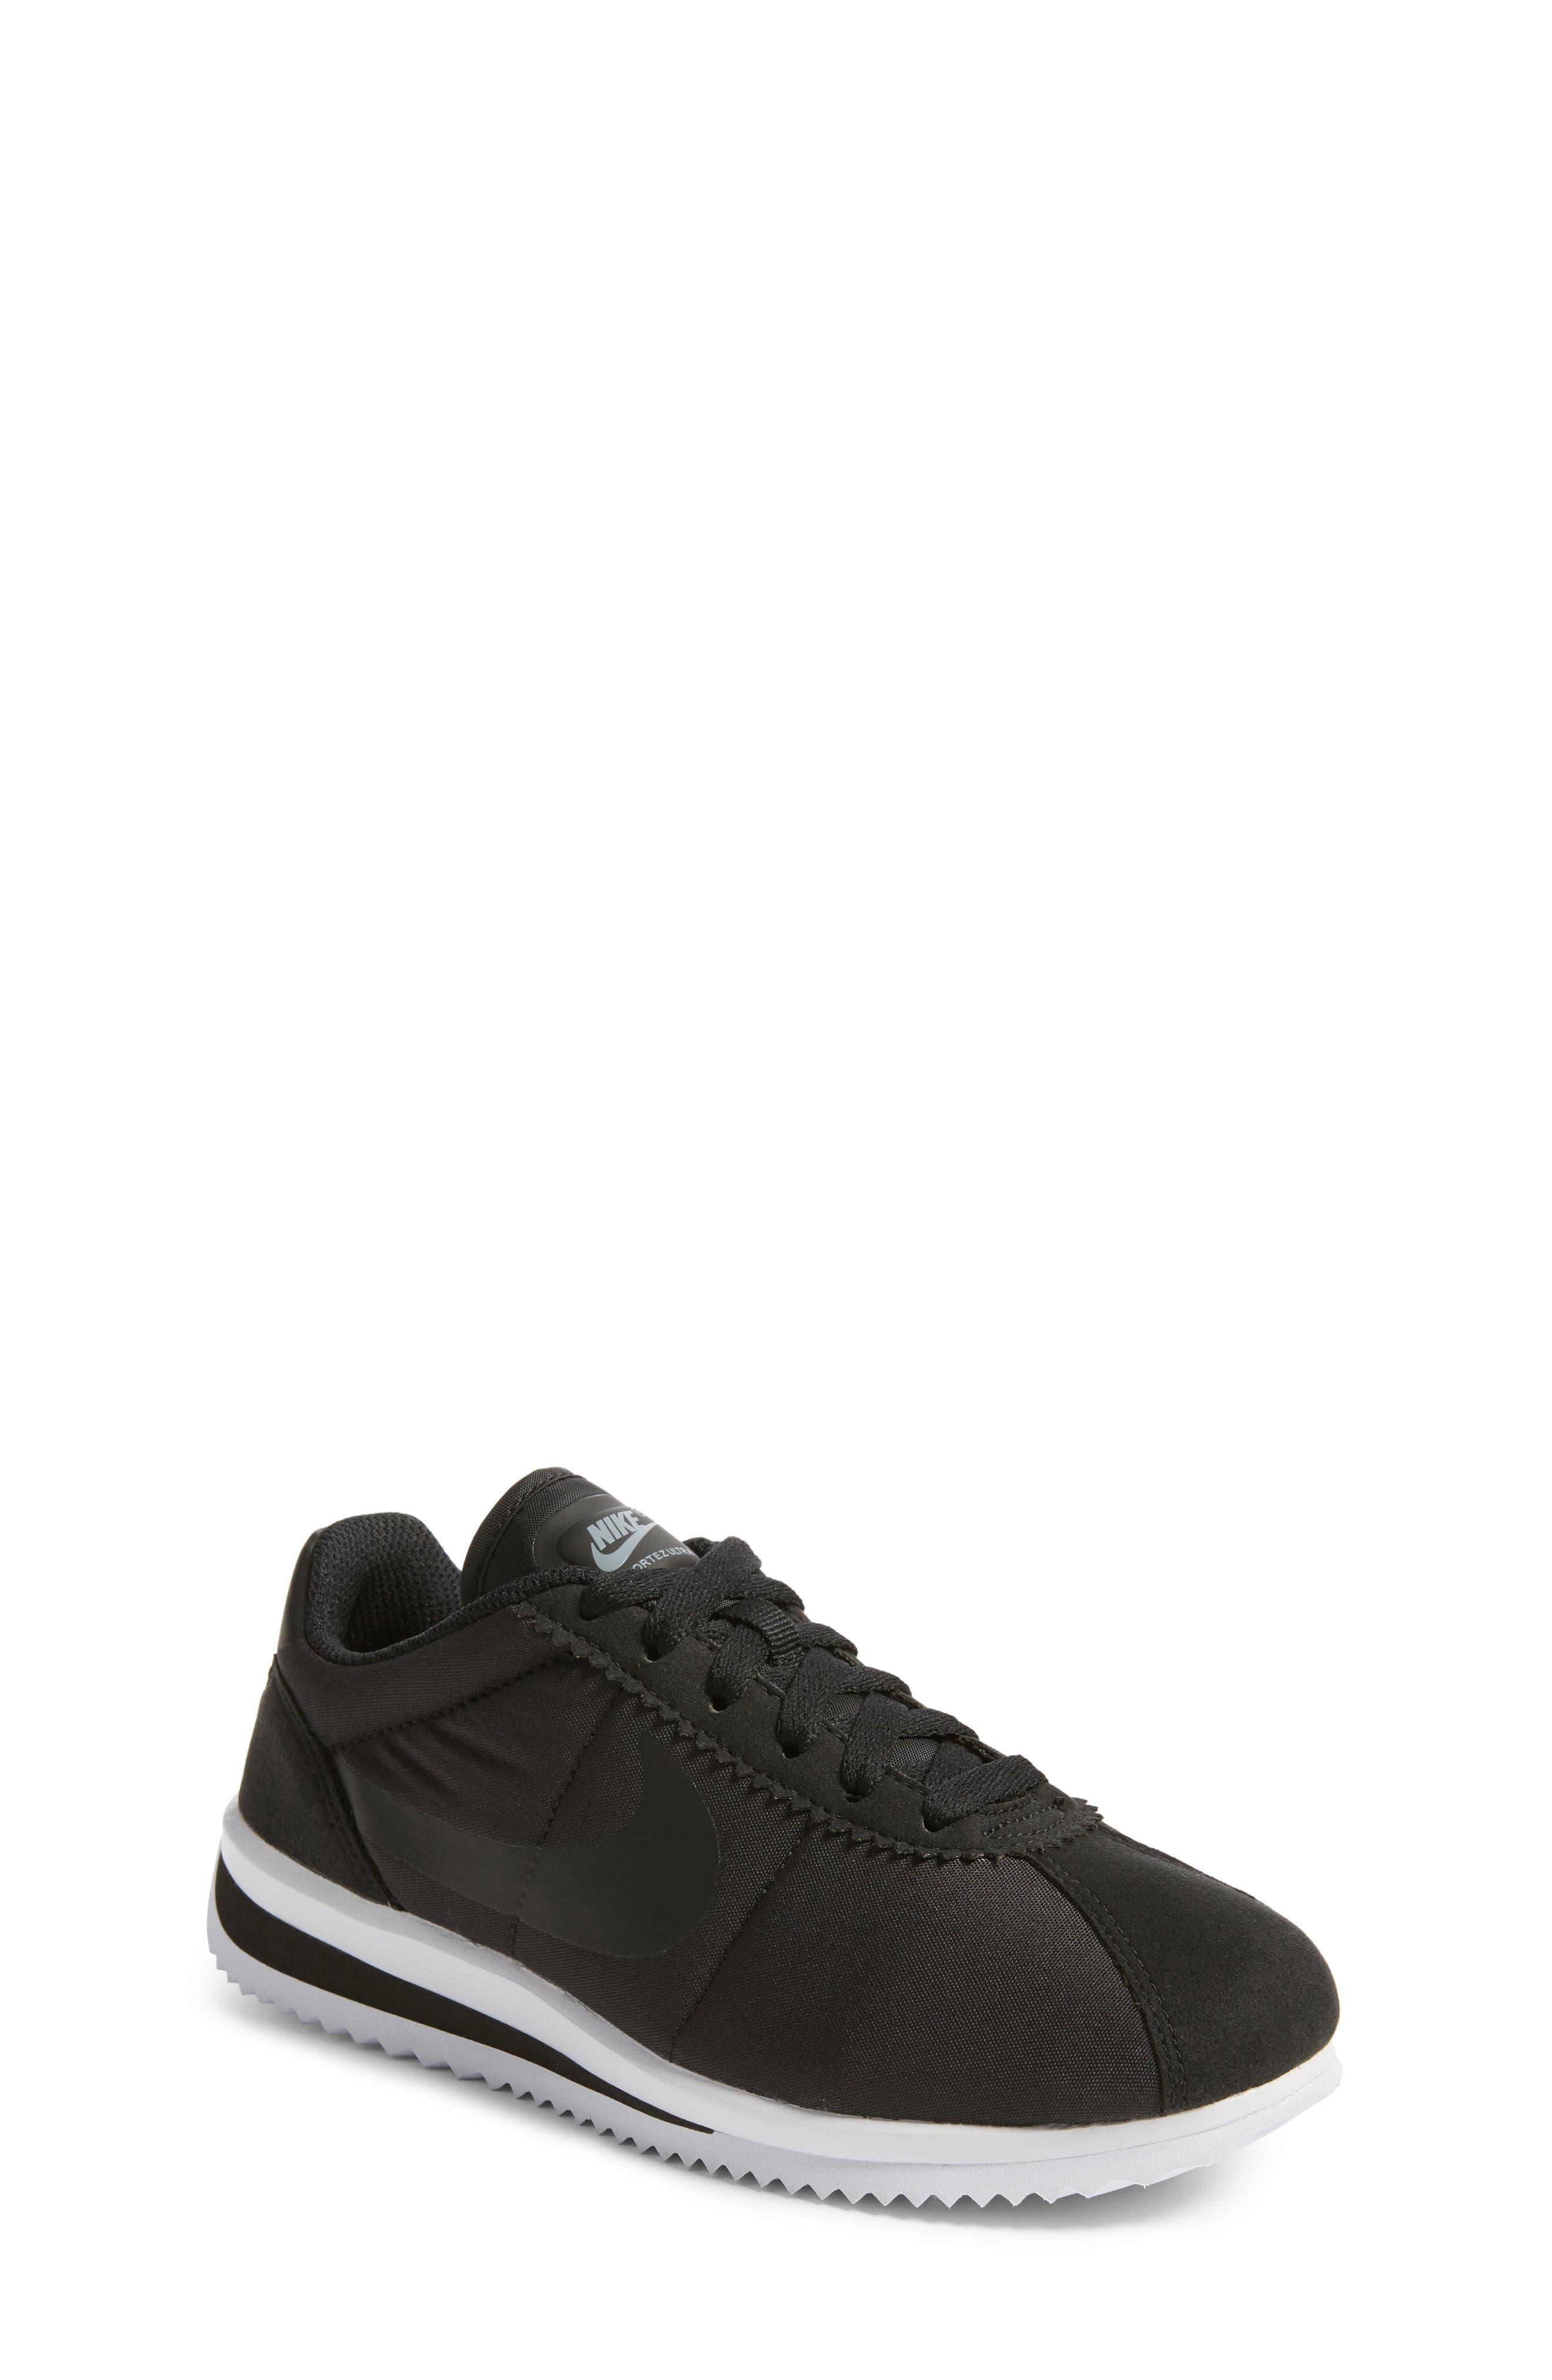 NIKE Cortez GS Sneaker